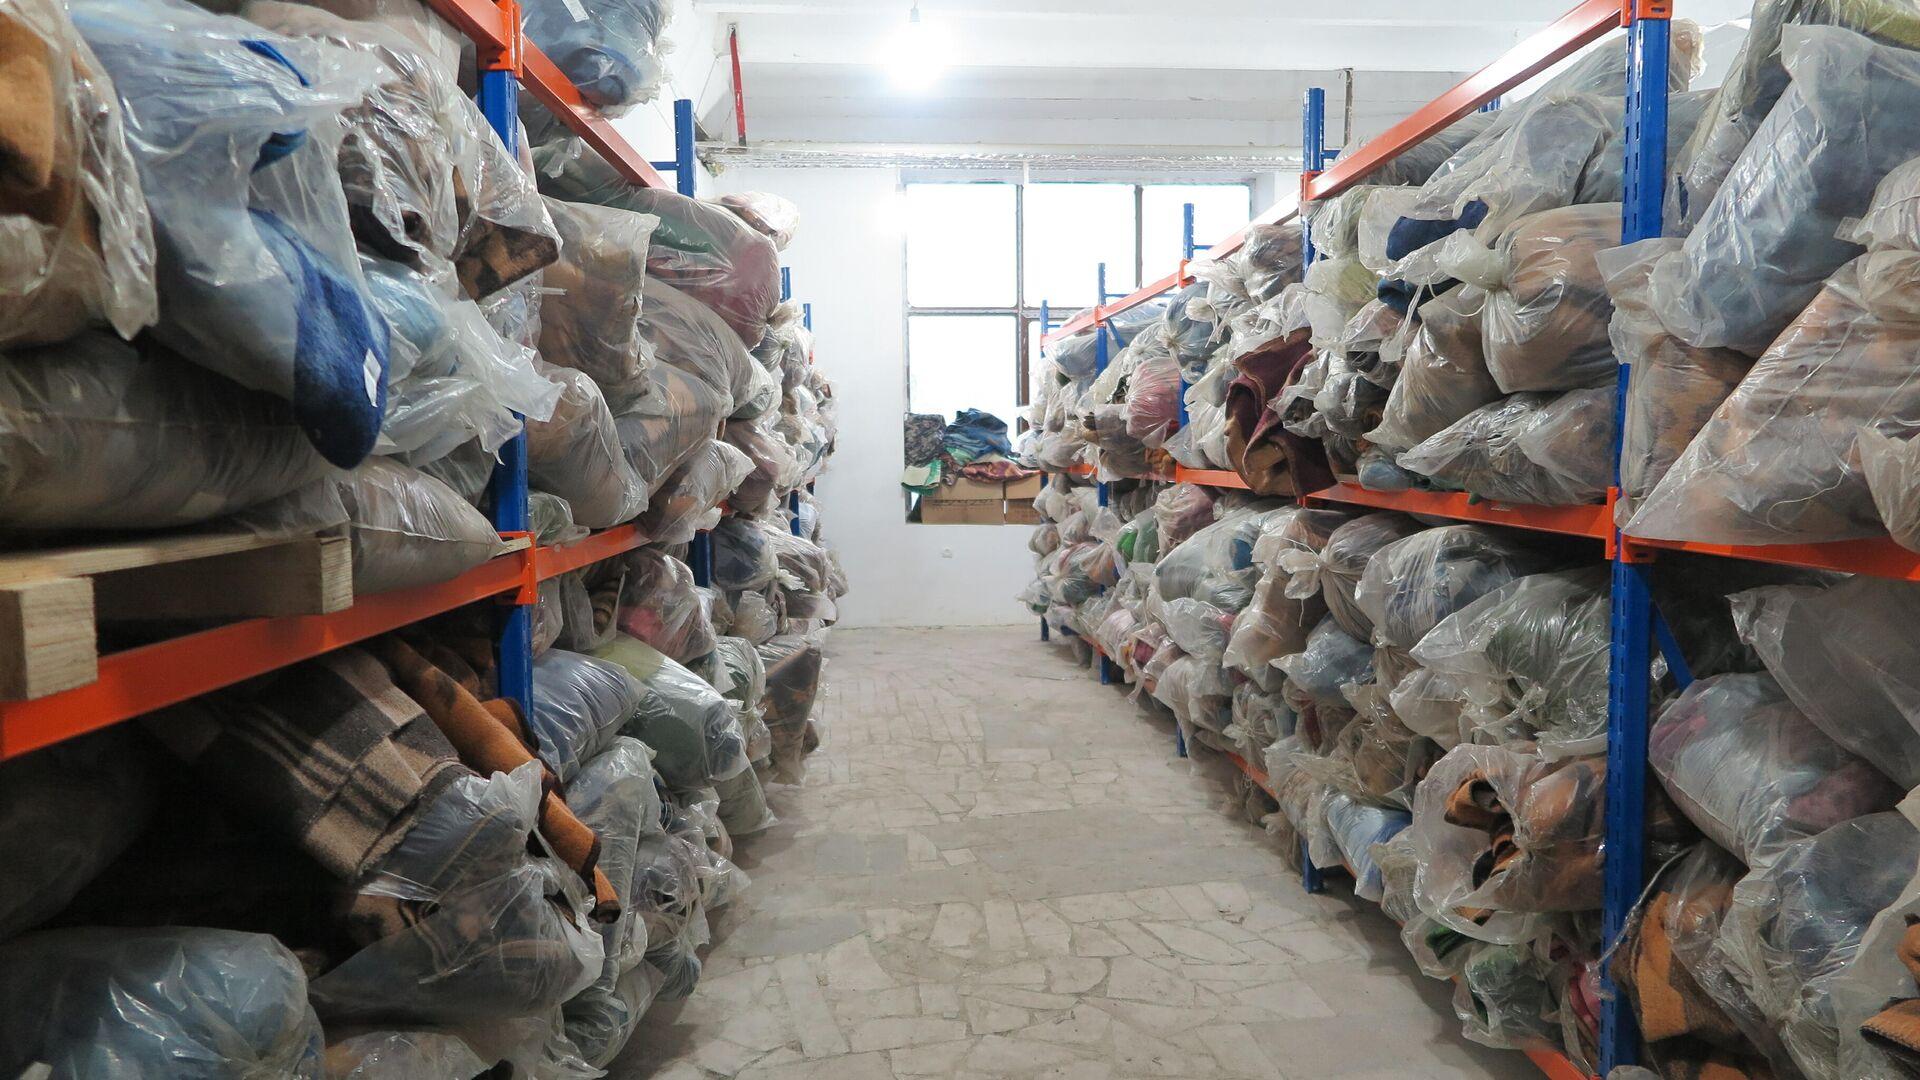 Более 3 тысяч теплых одеял в пункте выдачи гуманитарной помощи в городе Степанакерт - РИА Новости, 1920, 07.12.2020